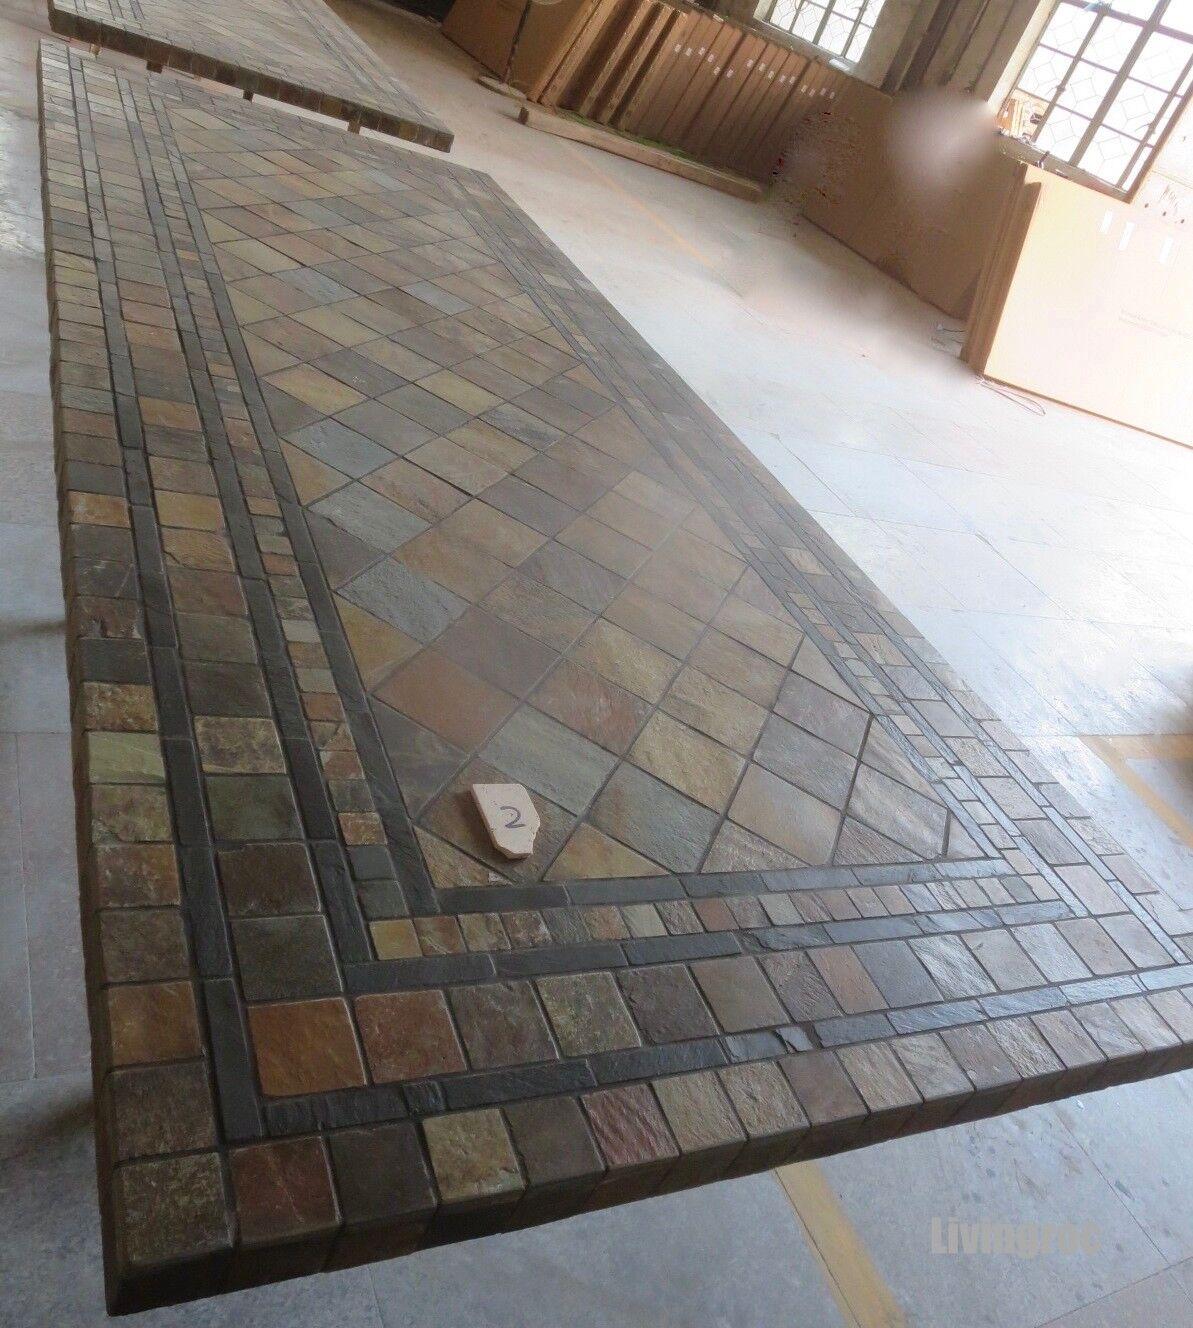 LivingRoc Table de jardin mosaique ardoise decorative 160-200 ERABLE